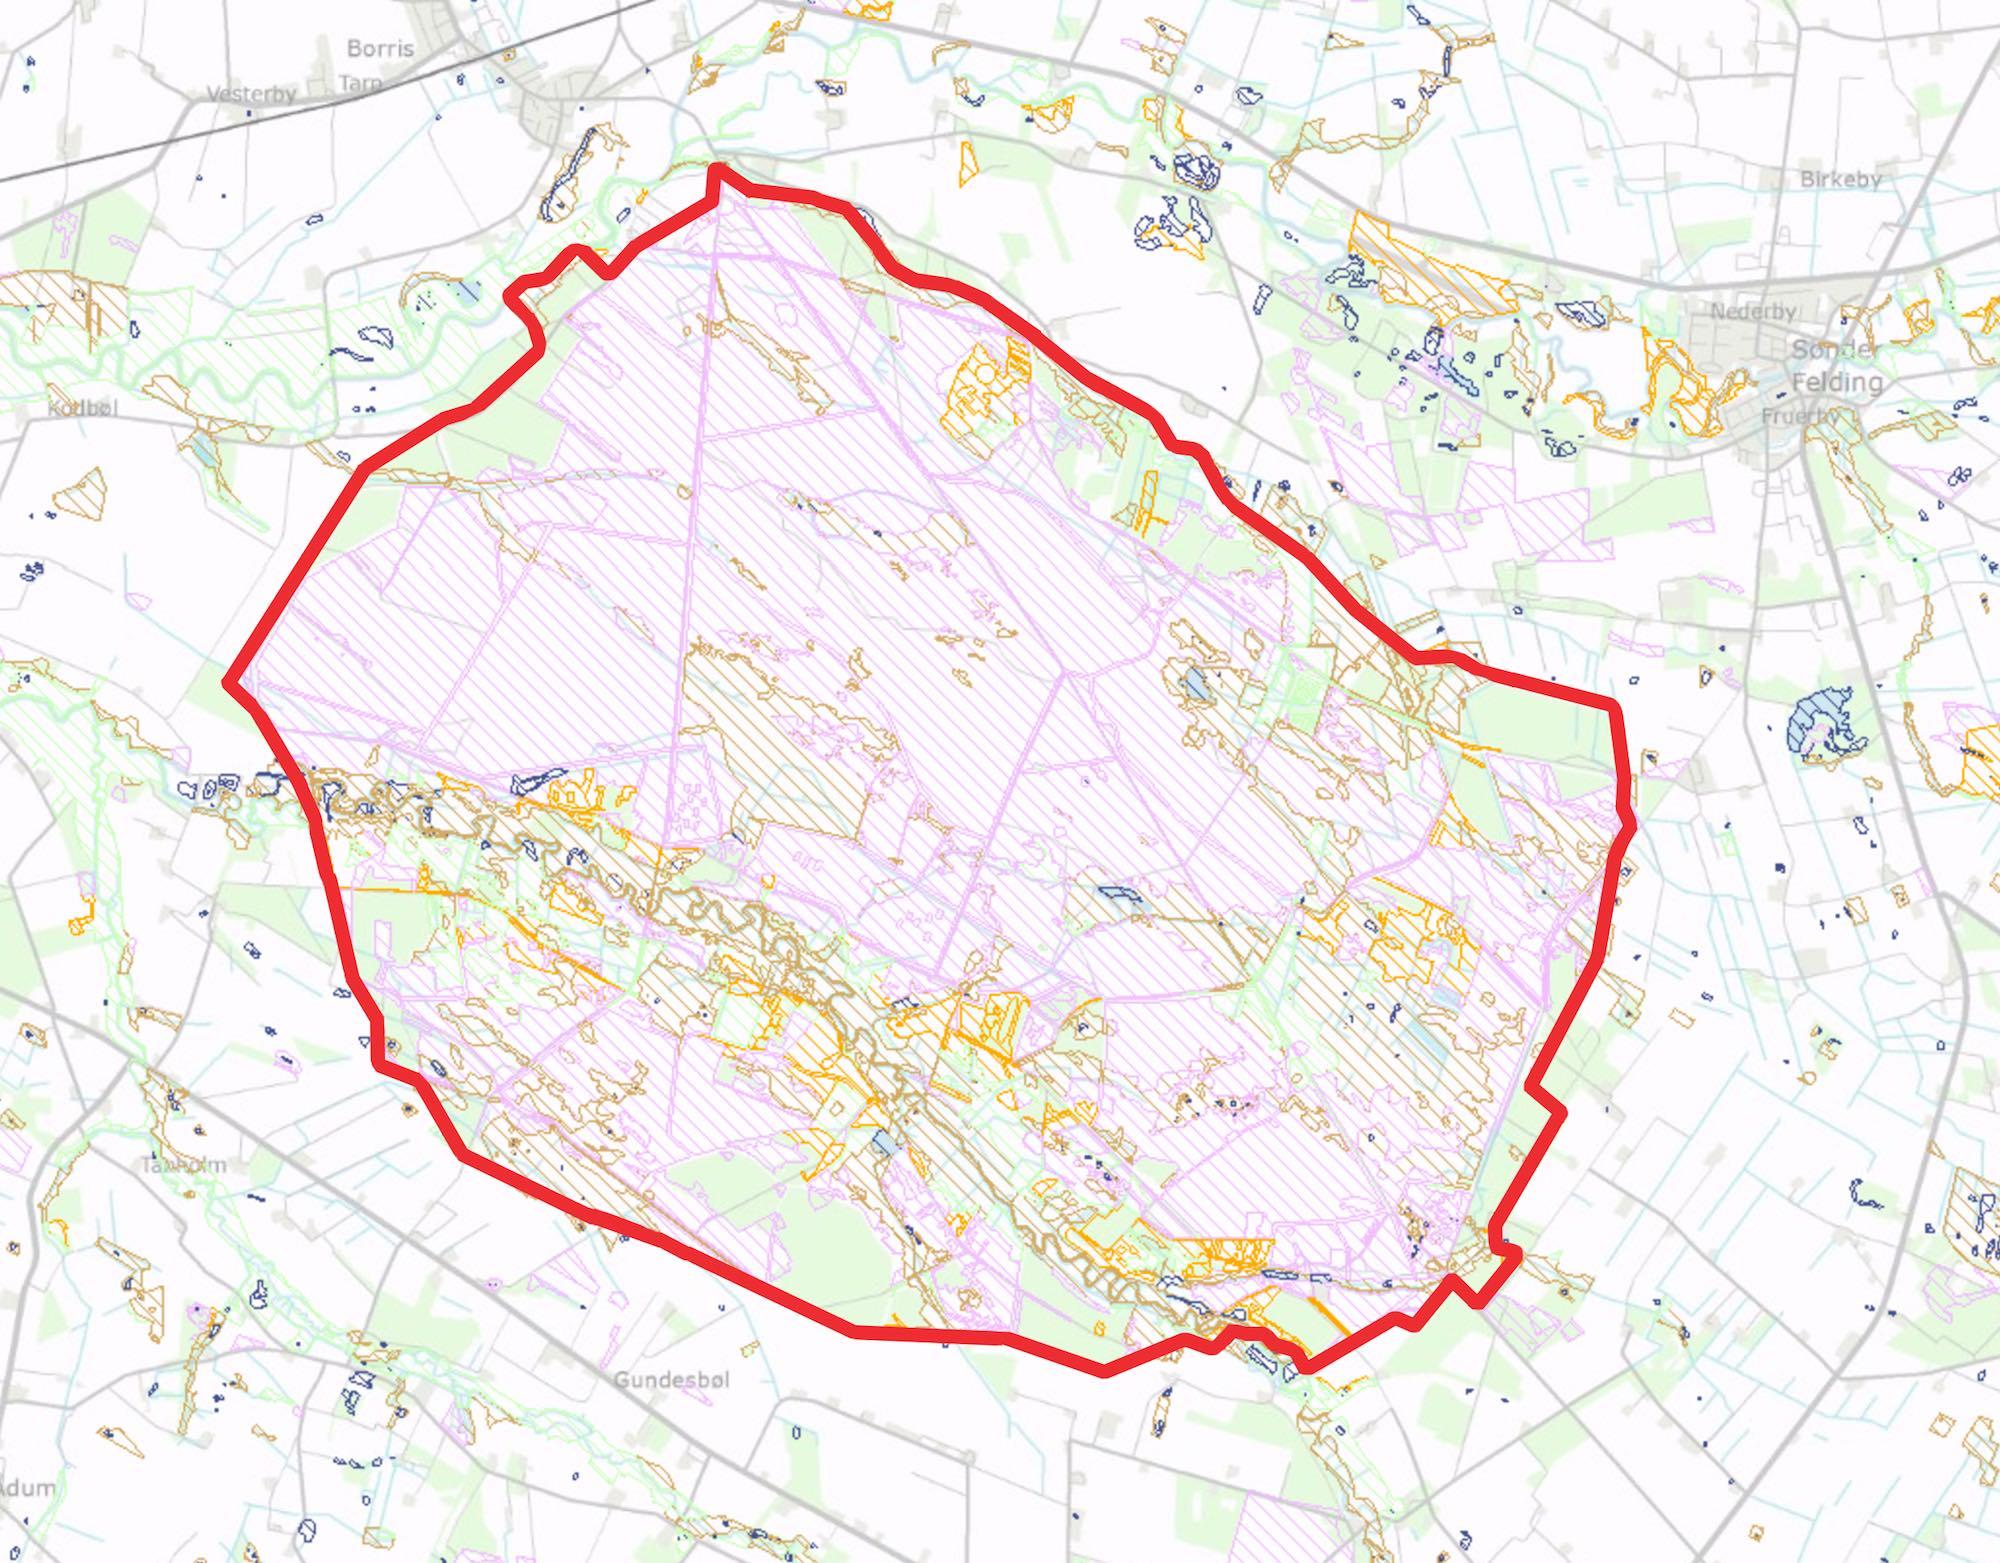 Næsten hele den foreslåede afgrænsning af Naturnationalpark Borris er omfattet af Naturbeskyttelseslovens paragraf 3.